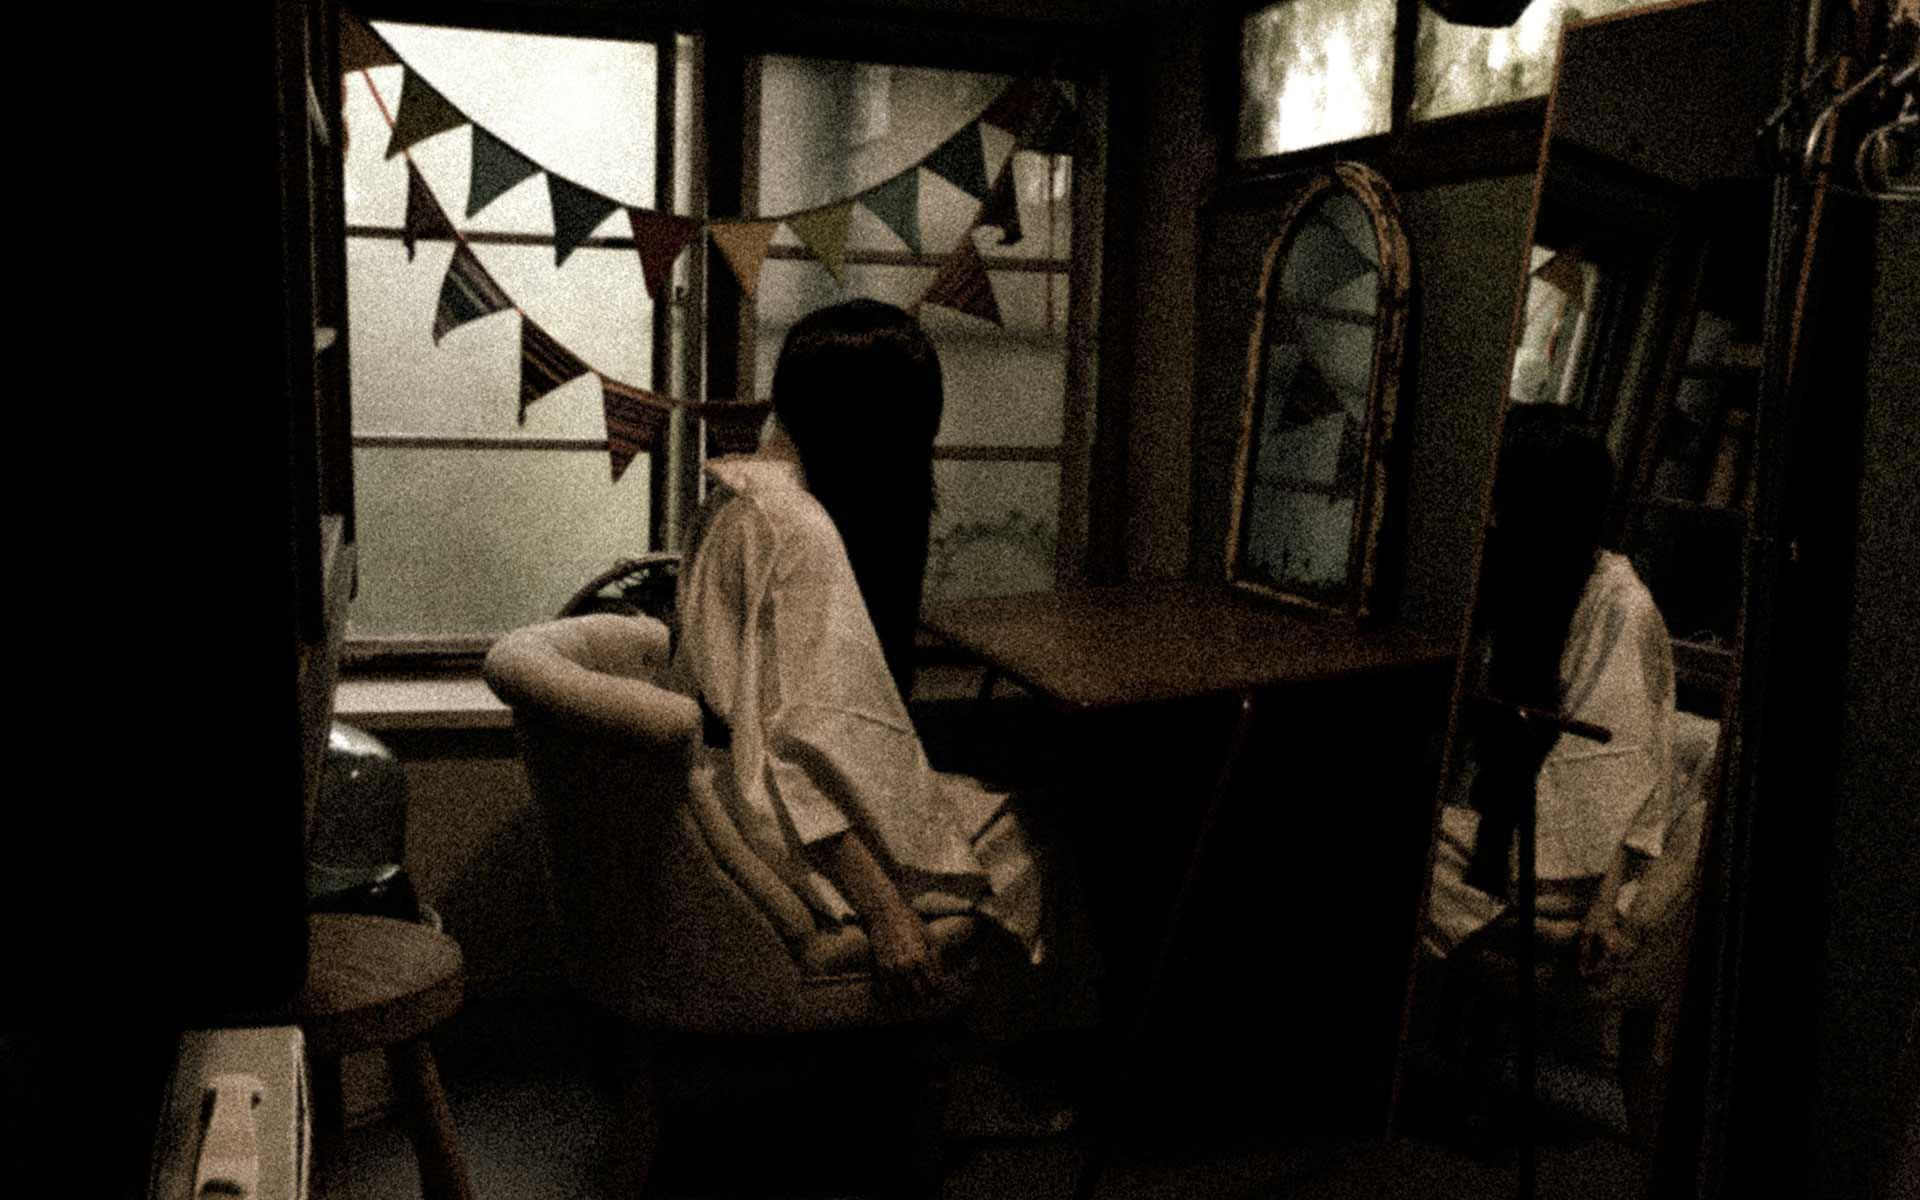 【シリーズ・都市伝説】ワタシキレイ?「口裂け女」